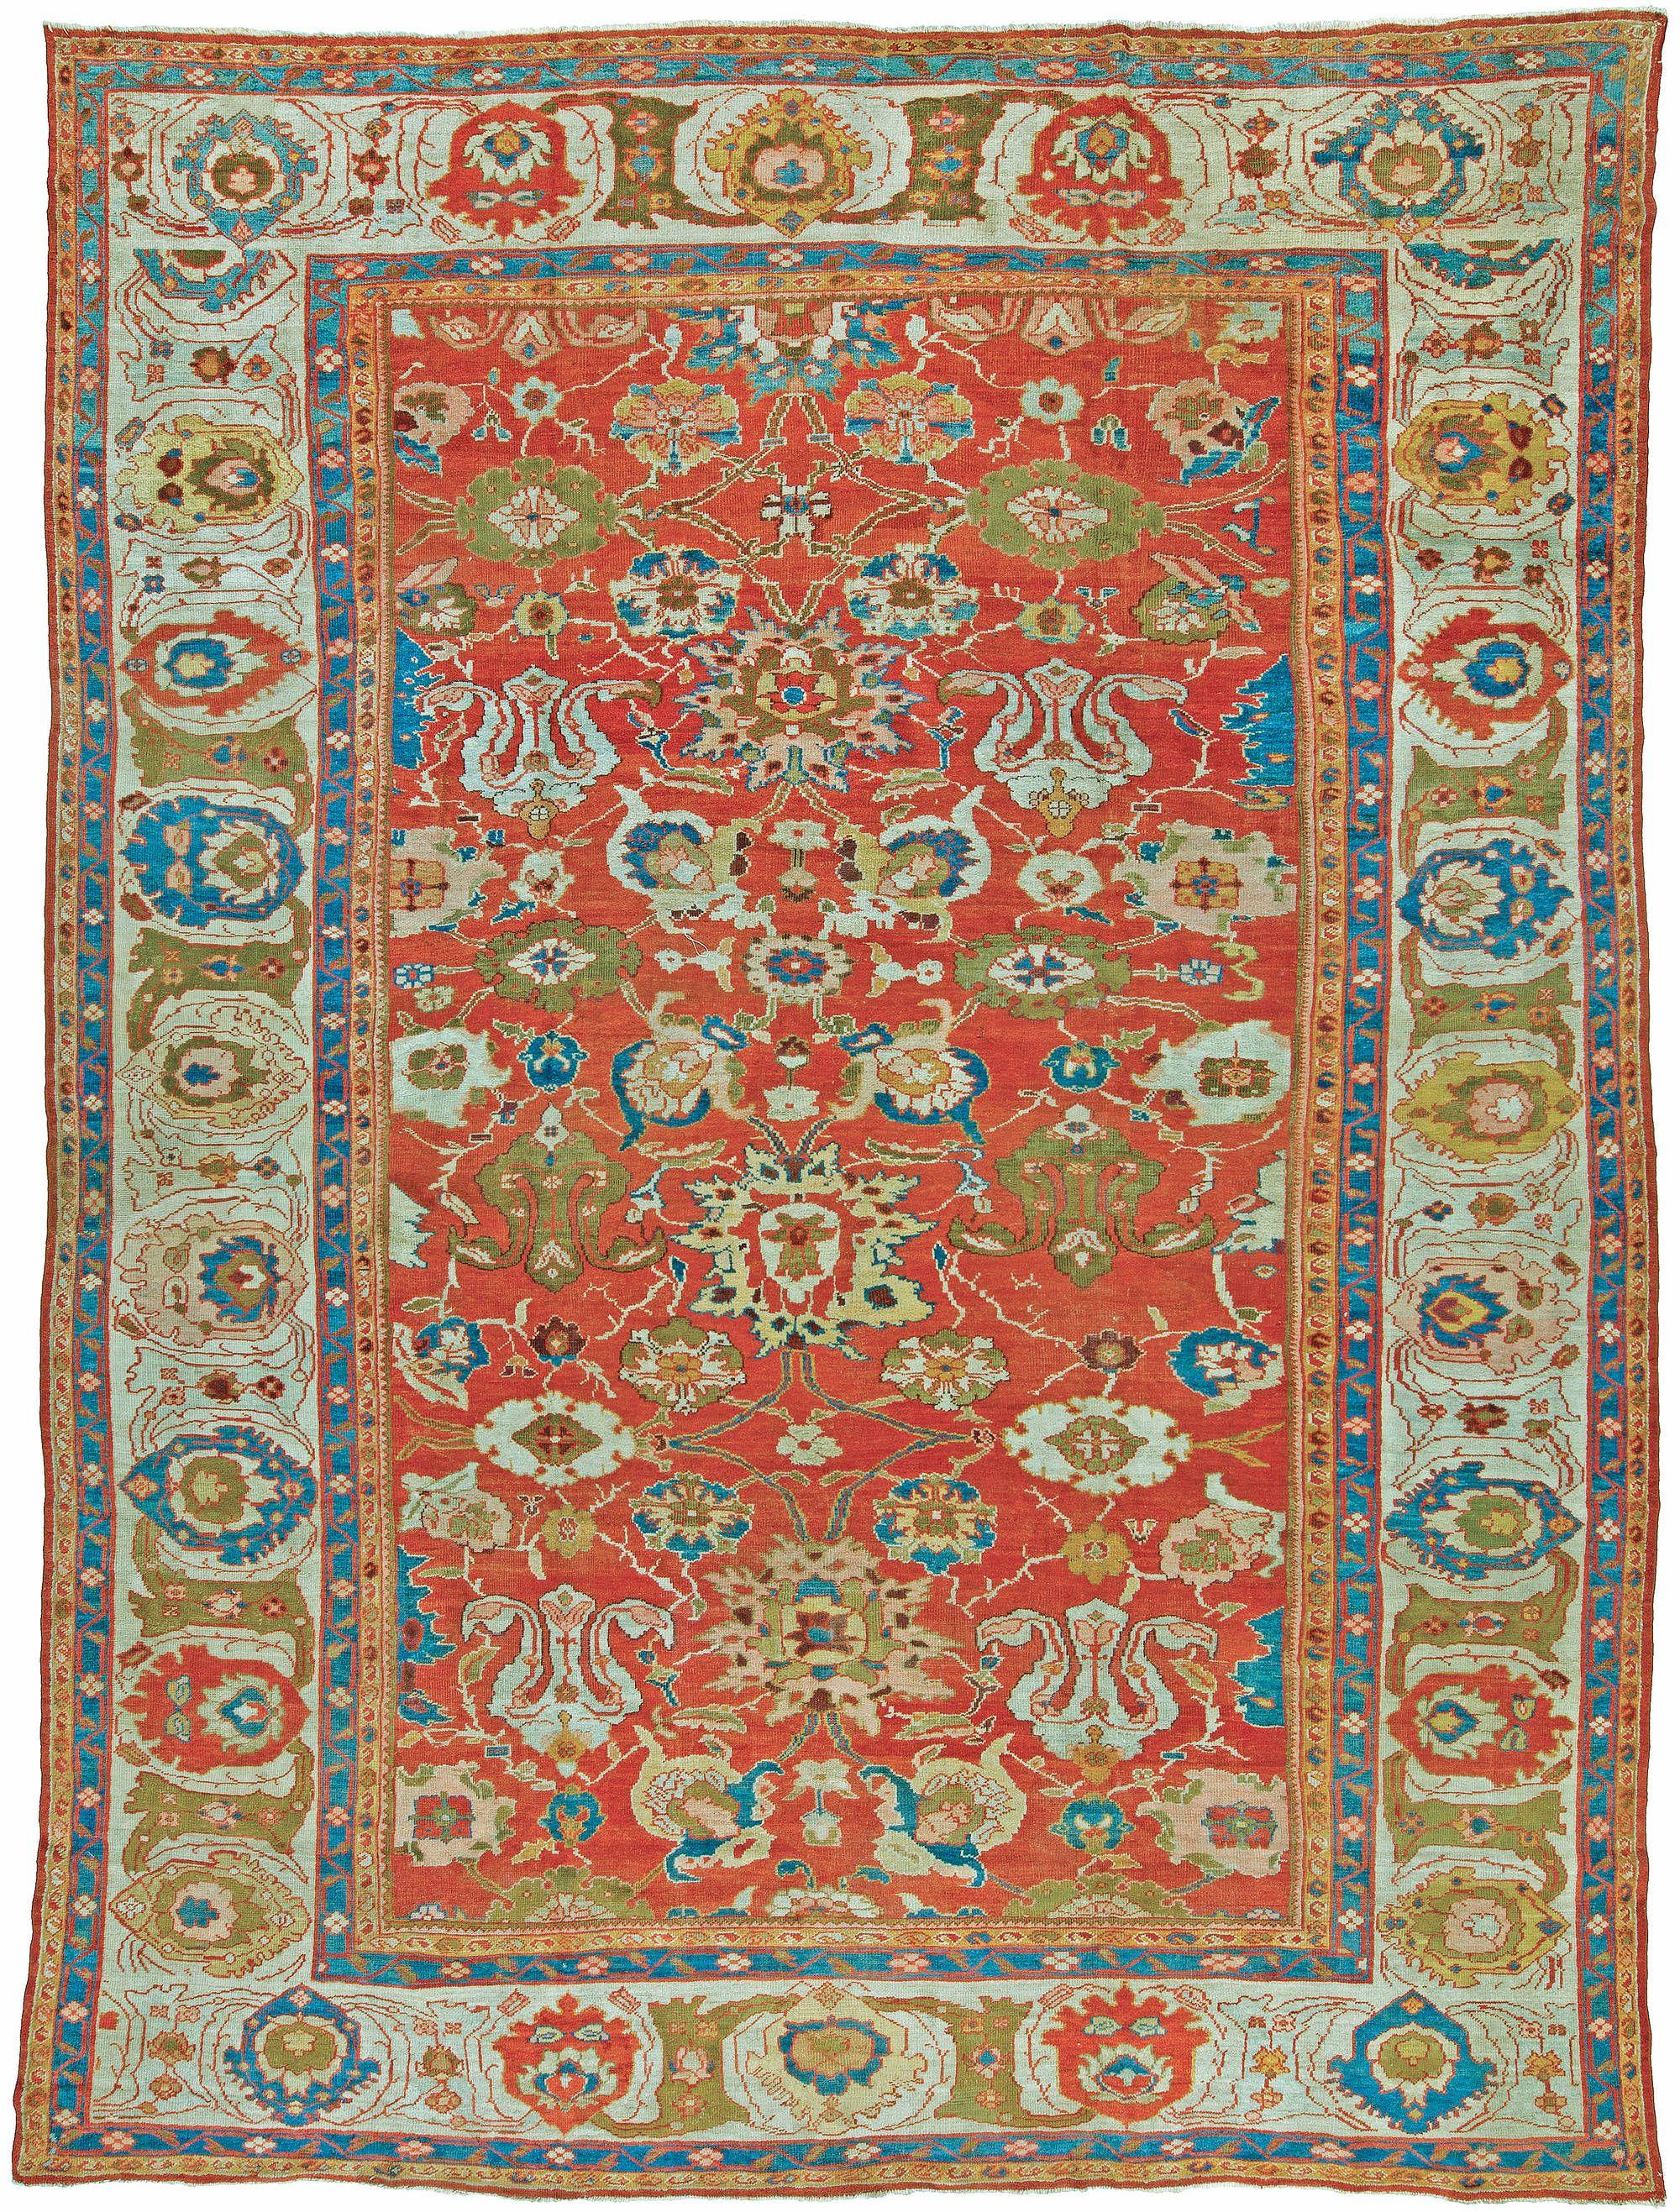 Antique Rug Antique Carpets Antique Persian Rugs Tabriz Rugs Custom Rugs Antique Persian Sultanabad Carp Antique Rugs Persian Carpet Antique Persian Rug Rugs